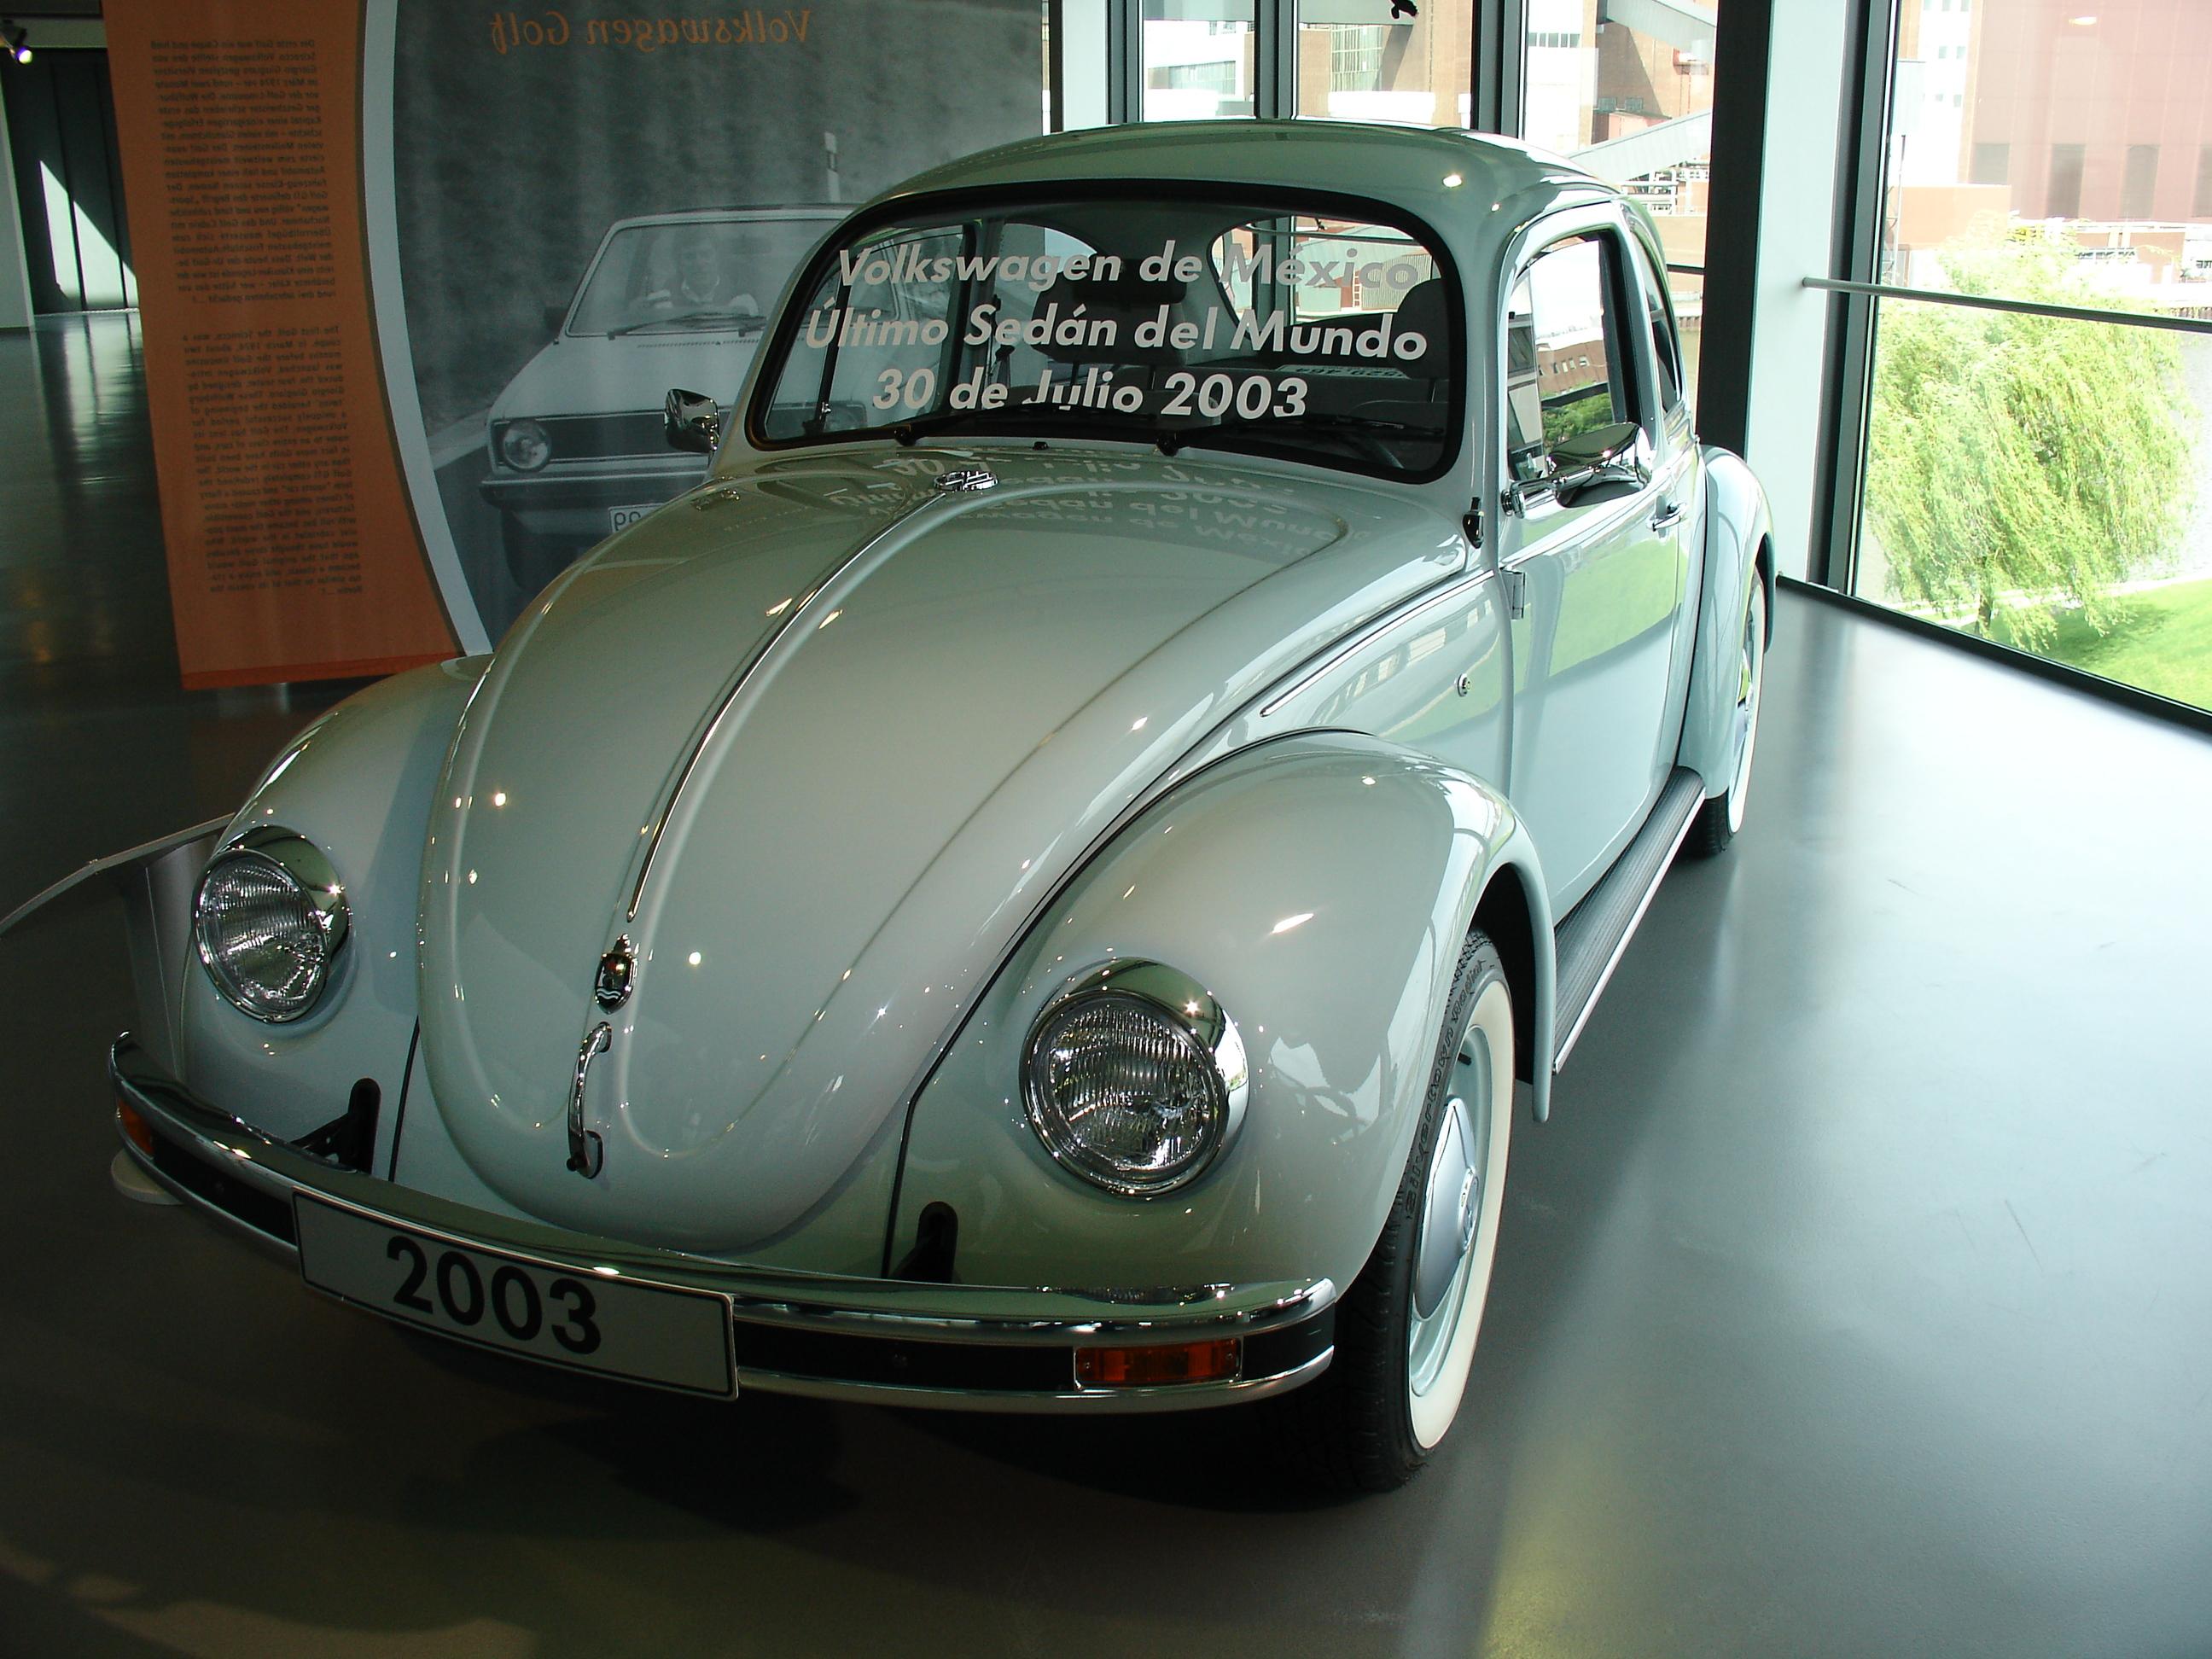 vw beetle biografia + fotos + videos